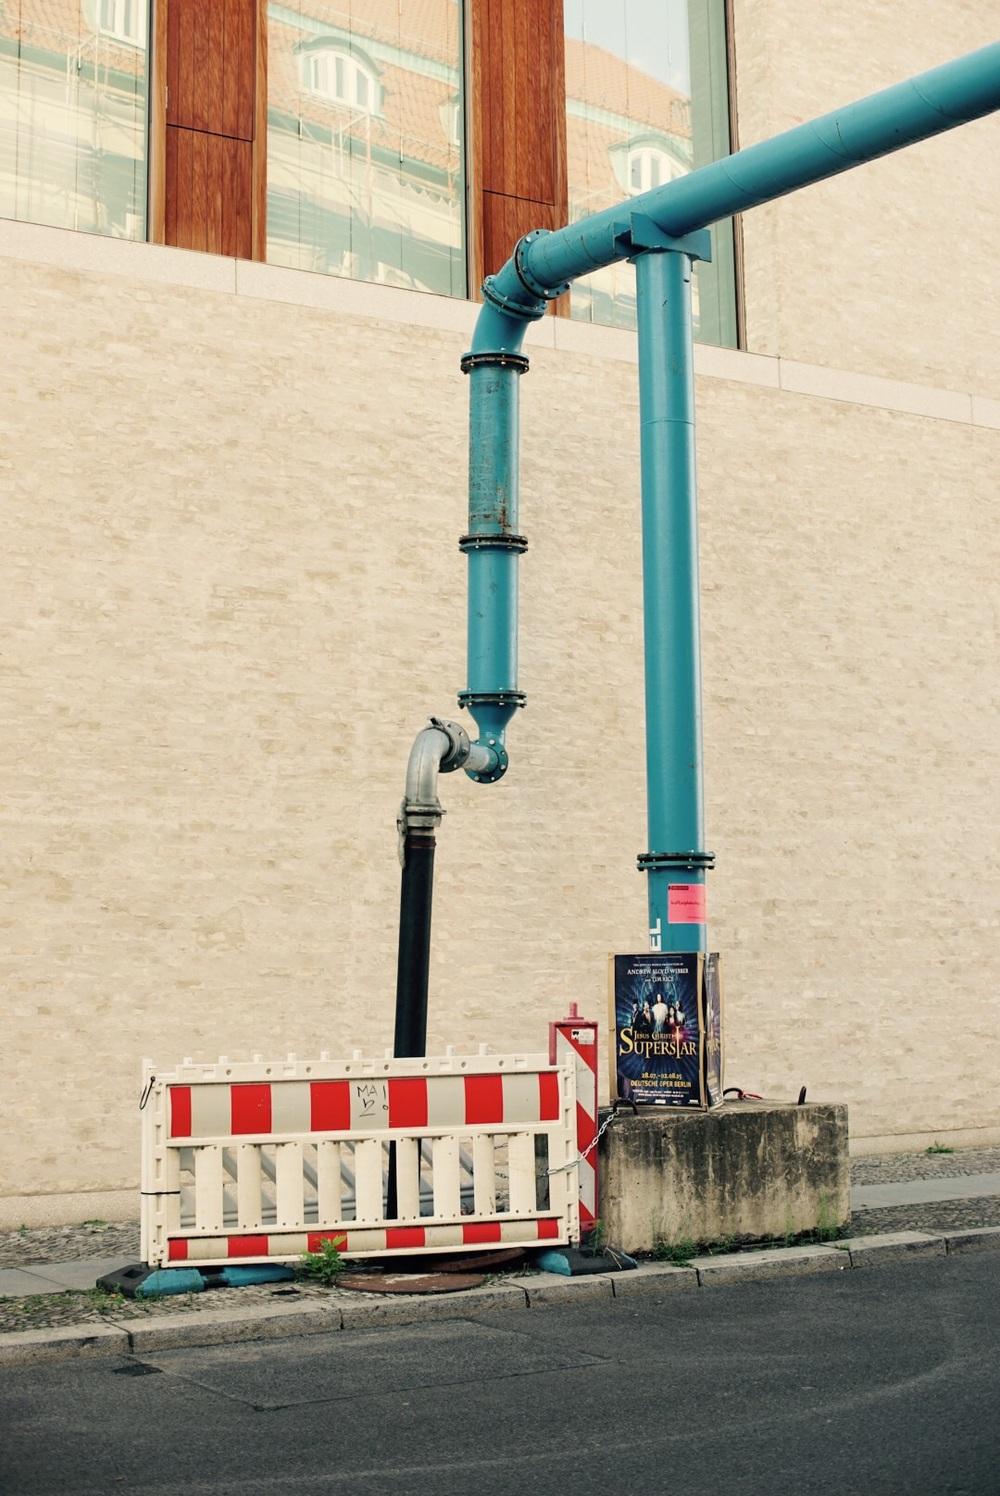 Os famosos e onipresentes tubos de dregagem do solo.